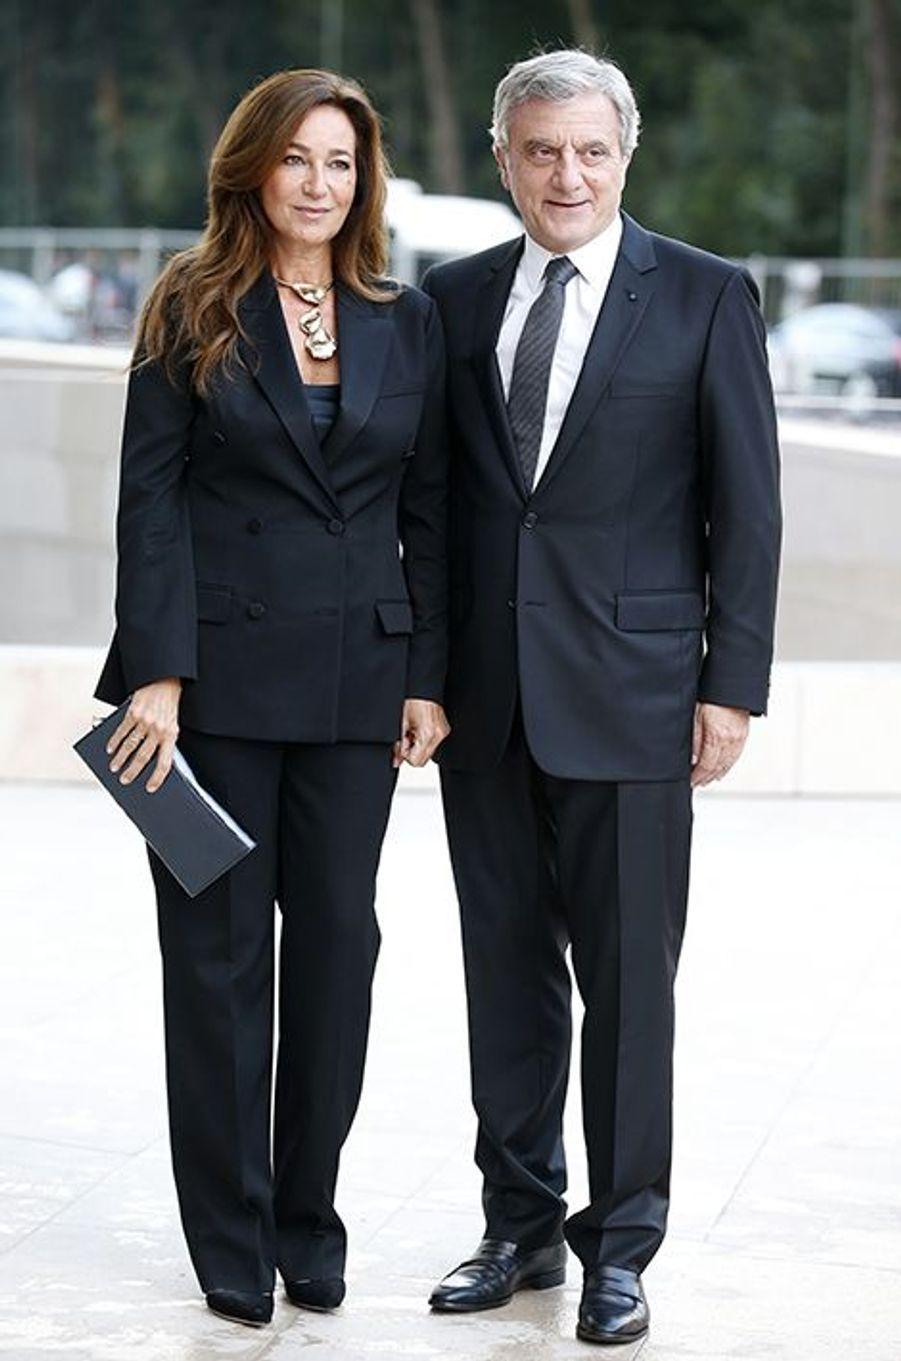 Sidney et Katia Toledano à l'inauguration de la Fondation Louis Vuitton le 20 octobre 2014 à Paris